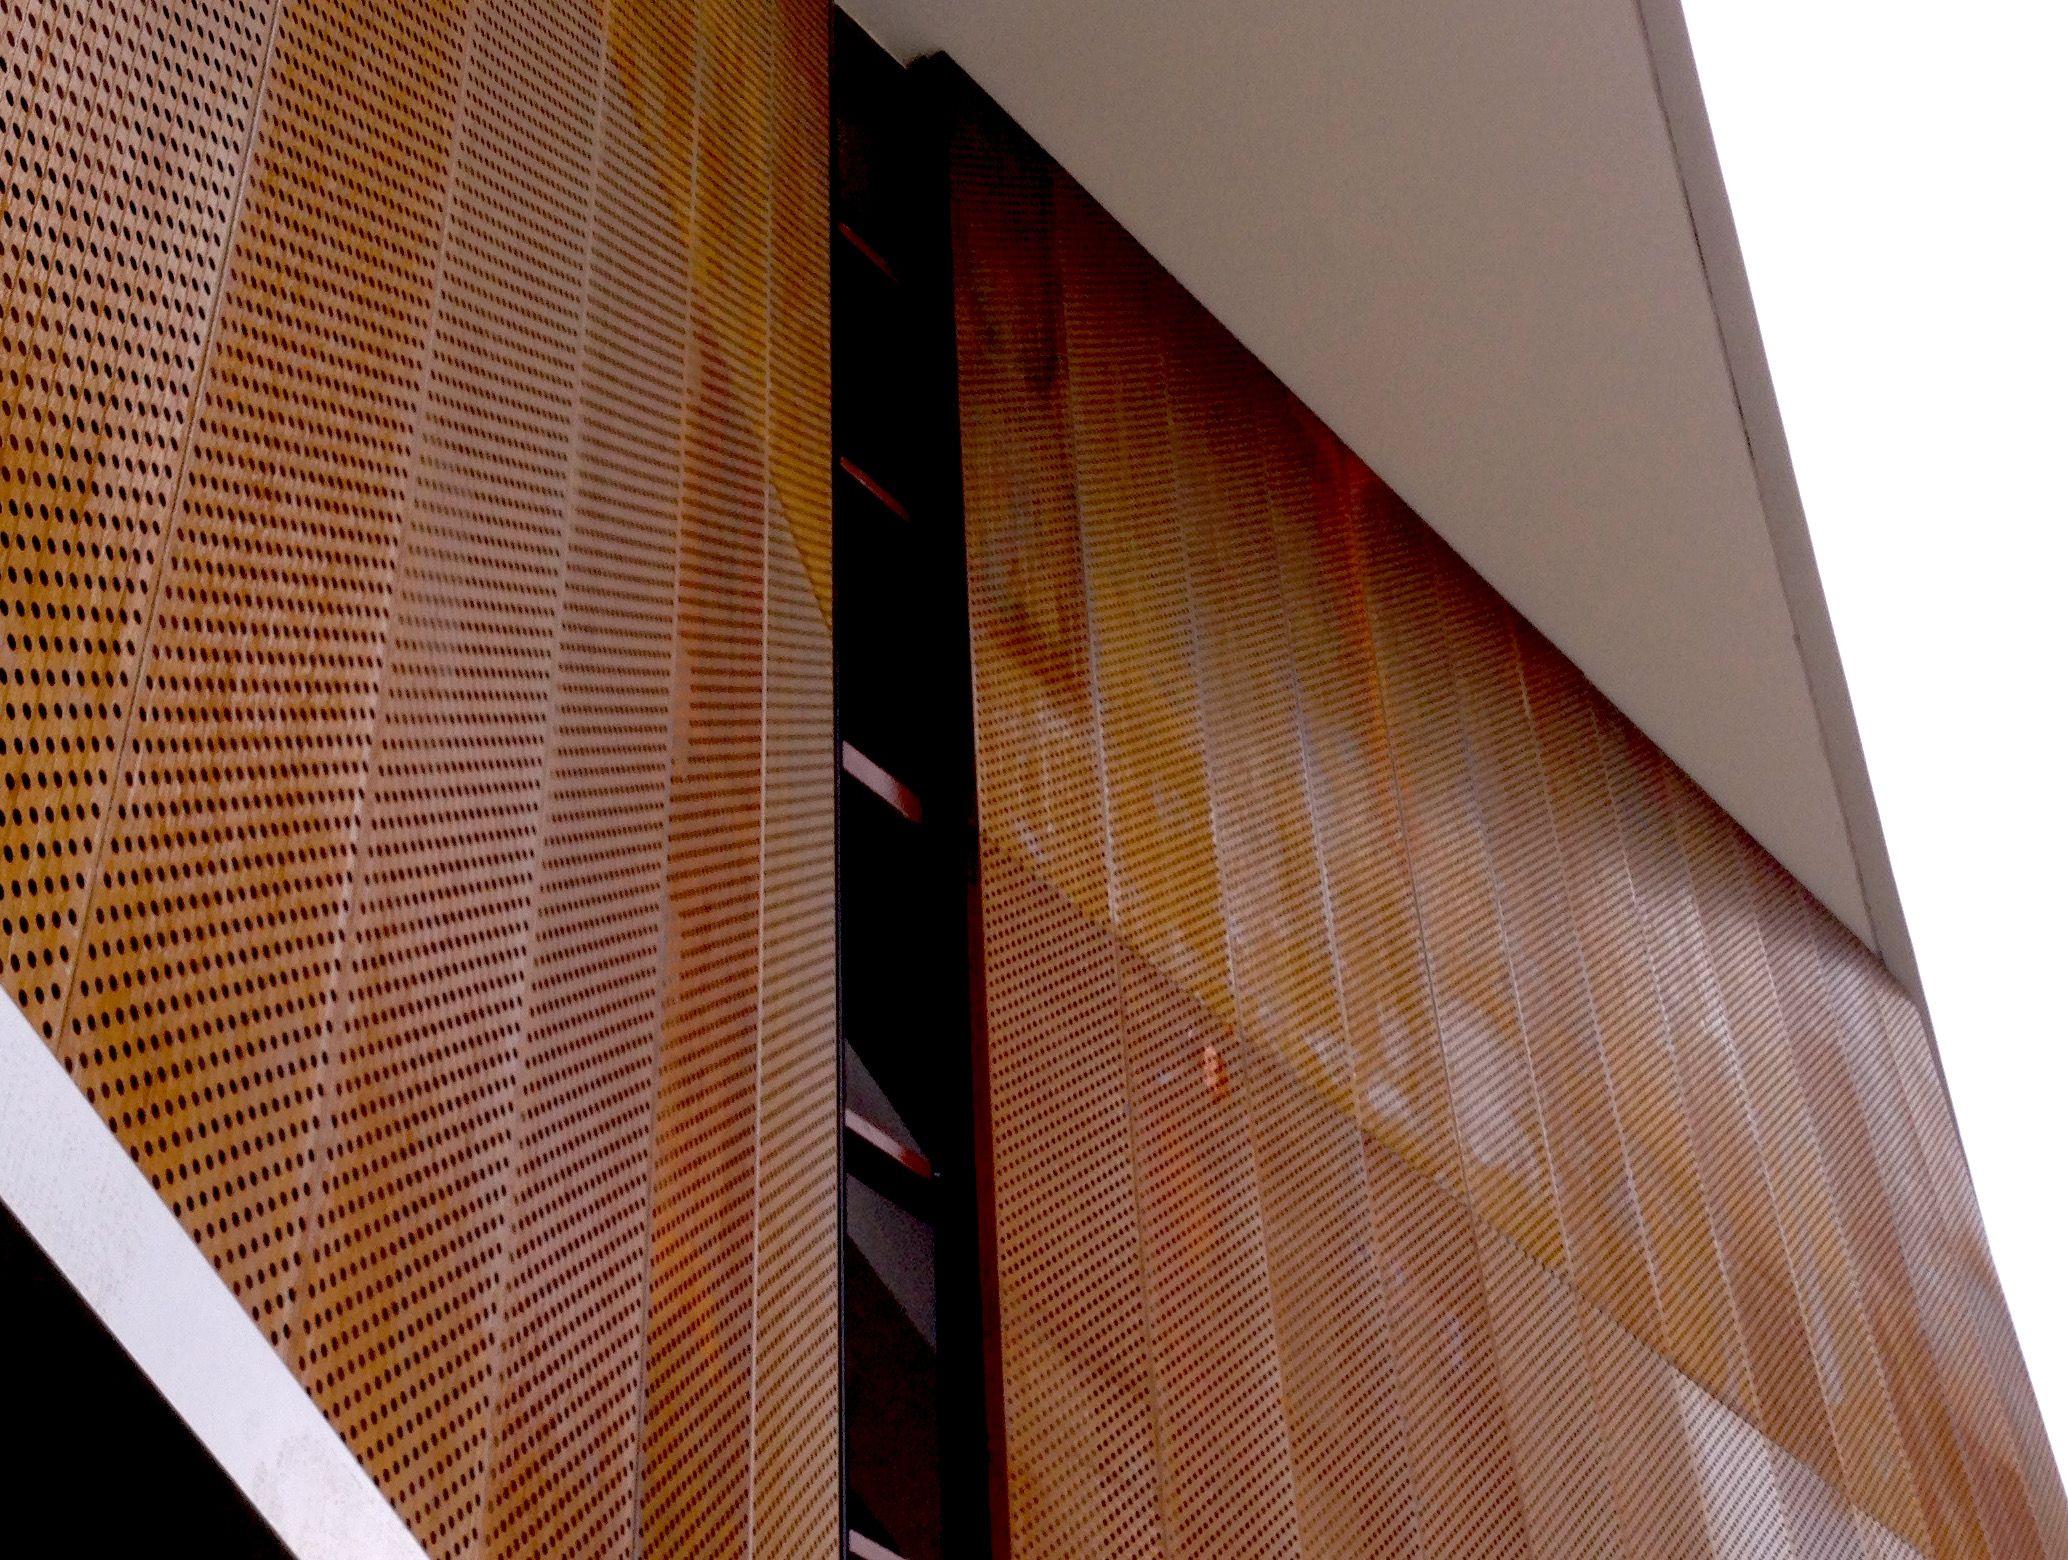 Detalle fachada en acero corten perforado arquitectura for Acero corten perforado oxidado